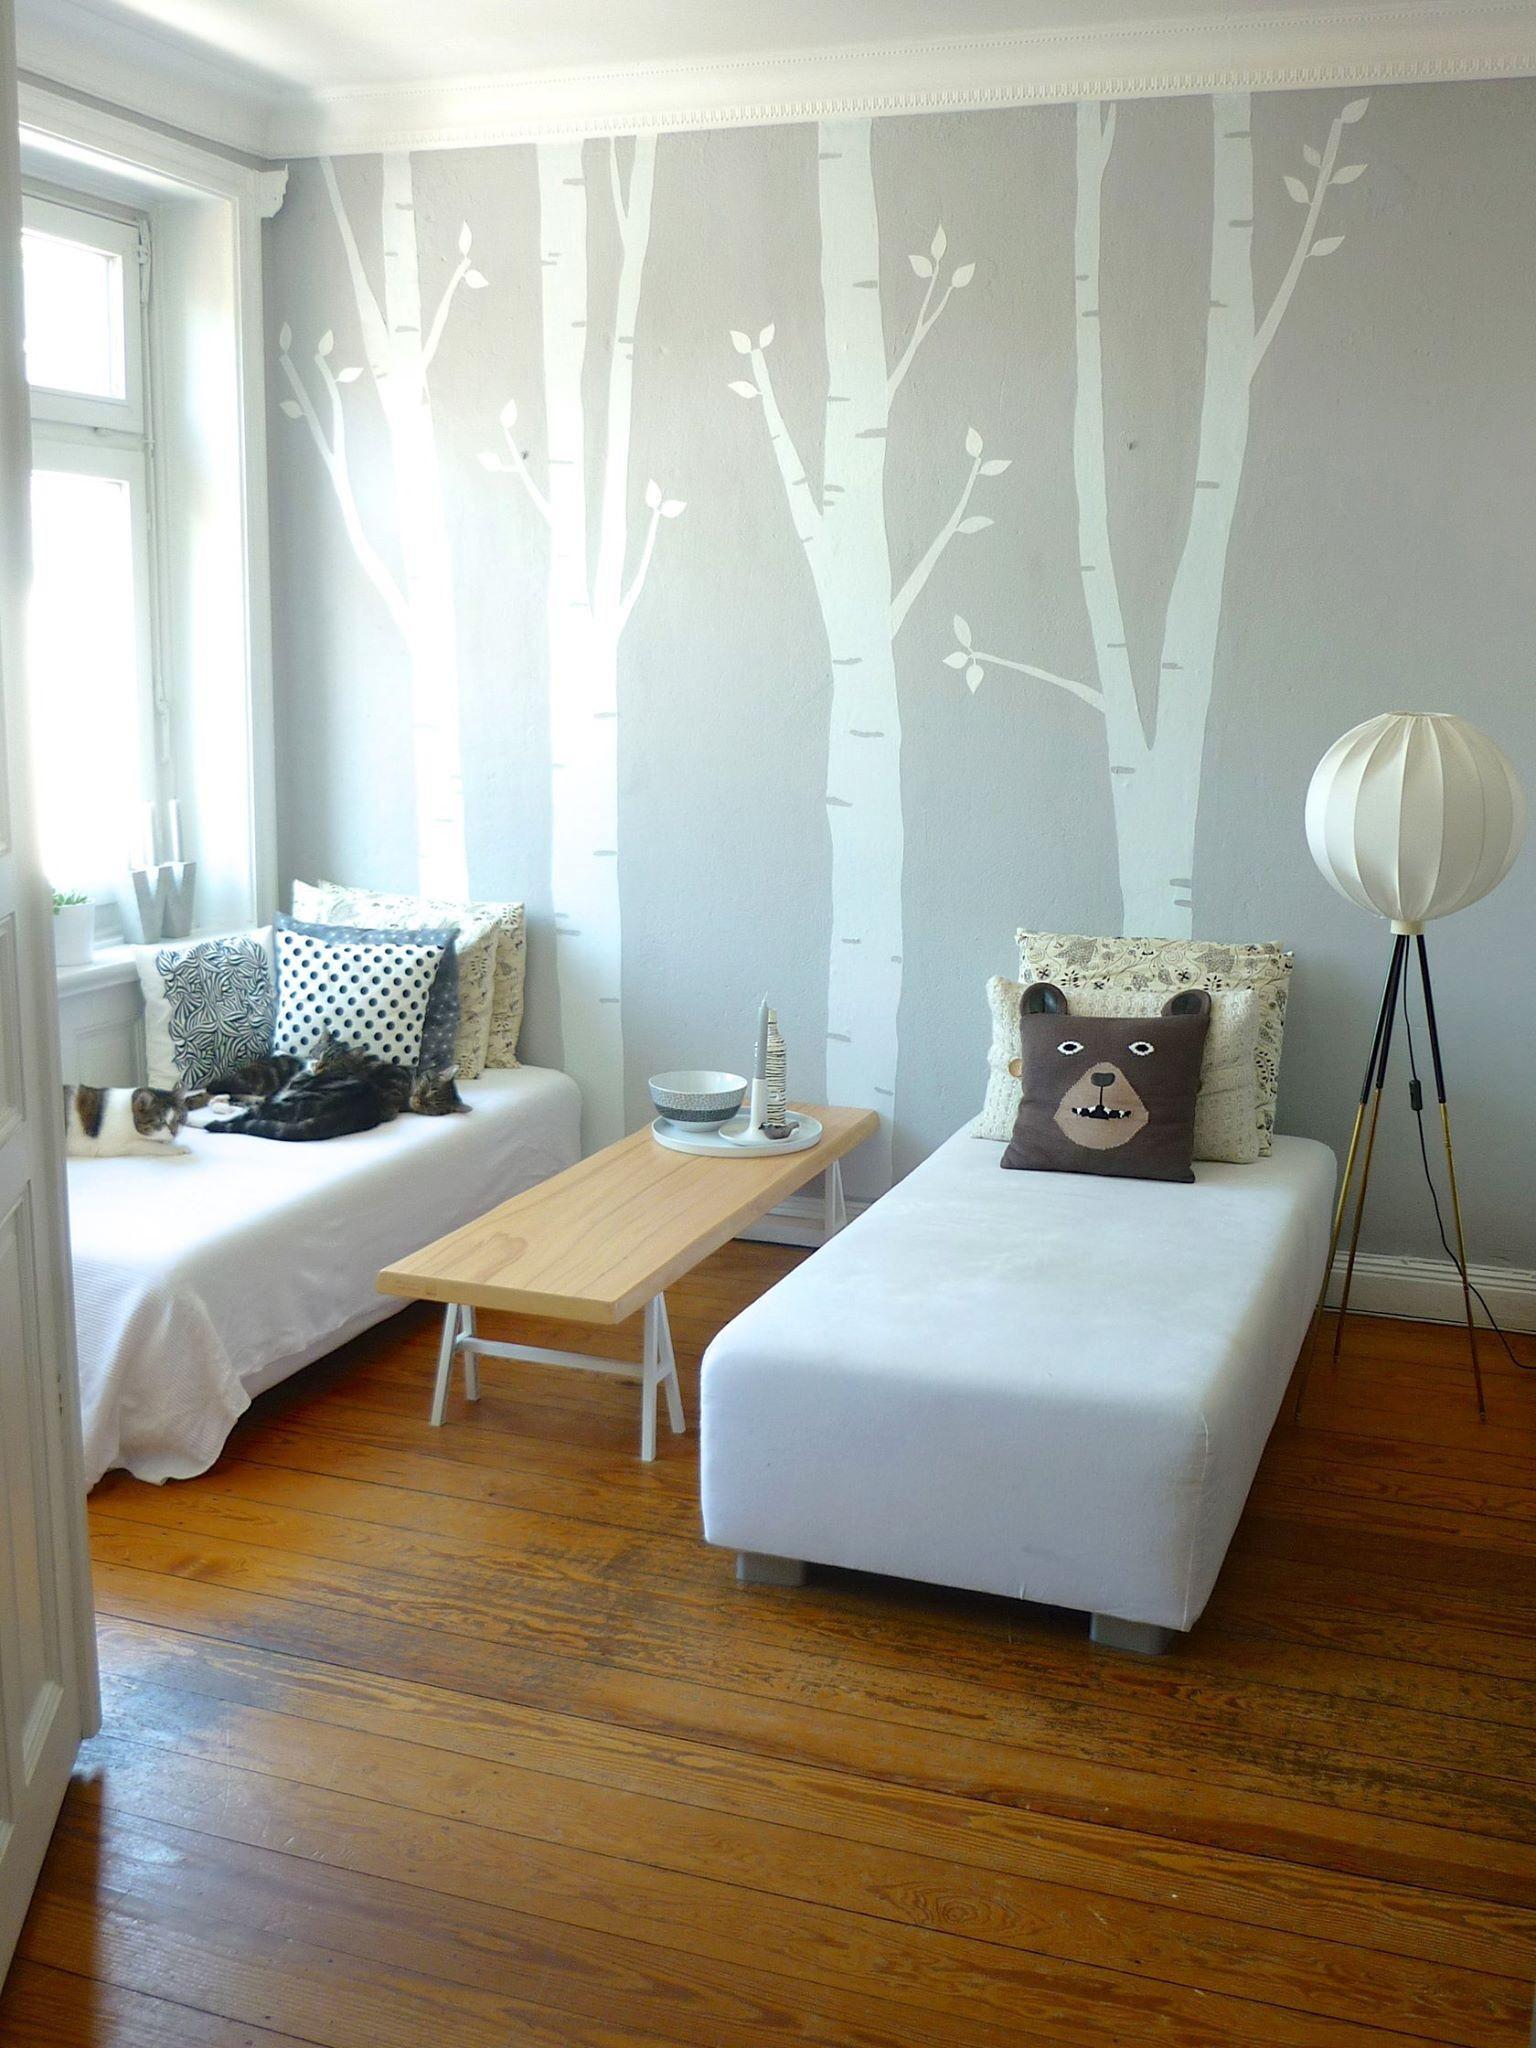 Schlafzimmer Diy  Schlafzimmer Fototapete Bäume Kinderzimmer Betten